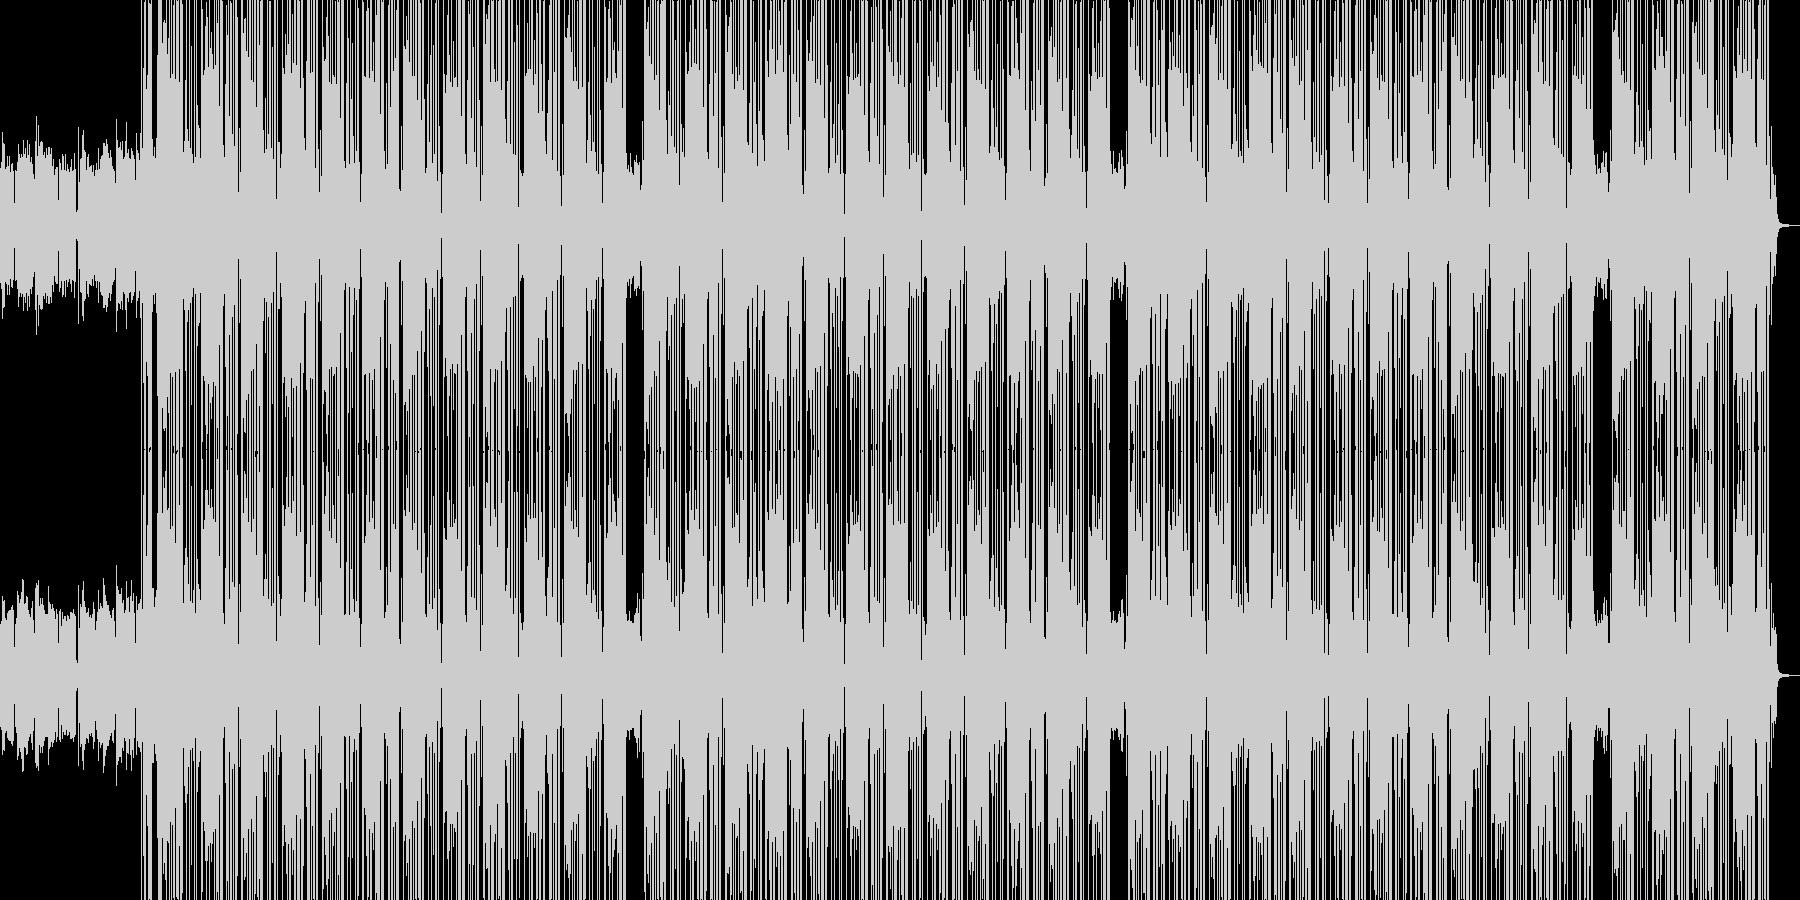 テンション高めイケイケHIPHOPビートの未再生の波形